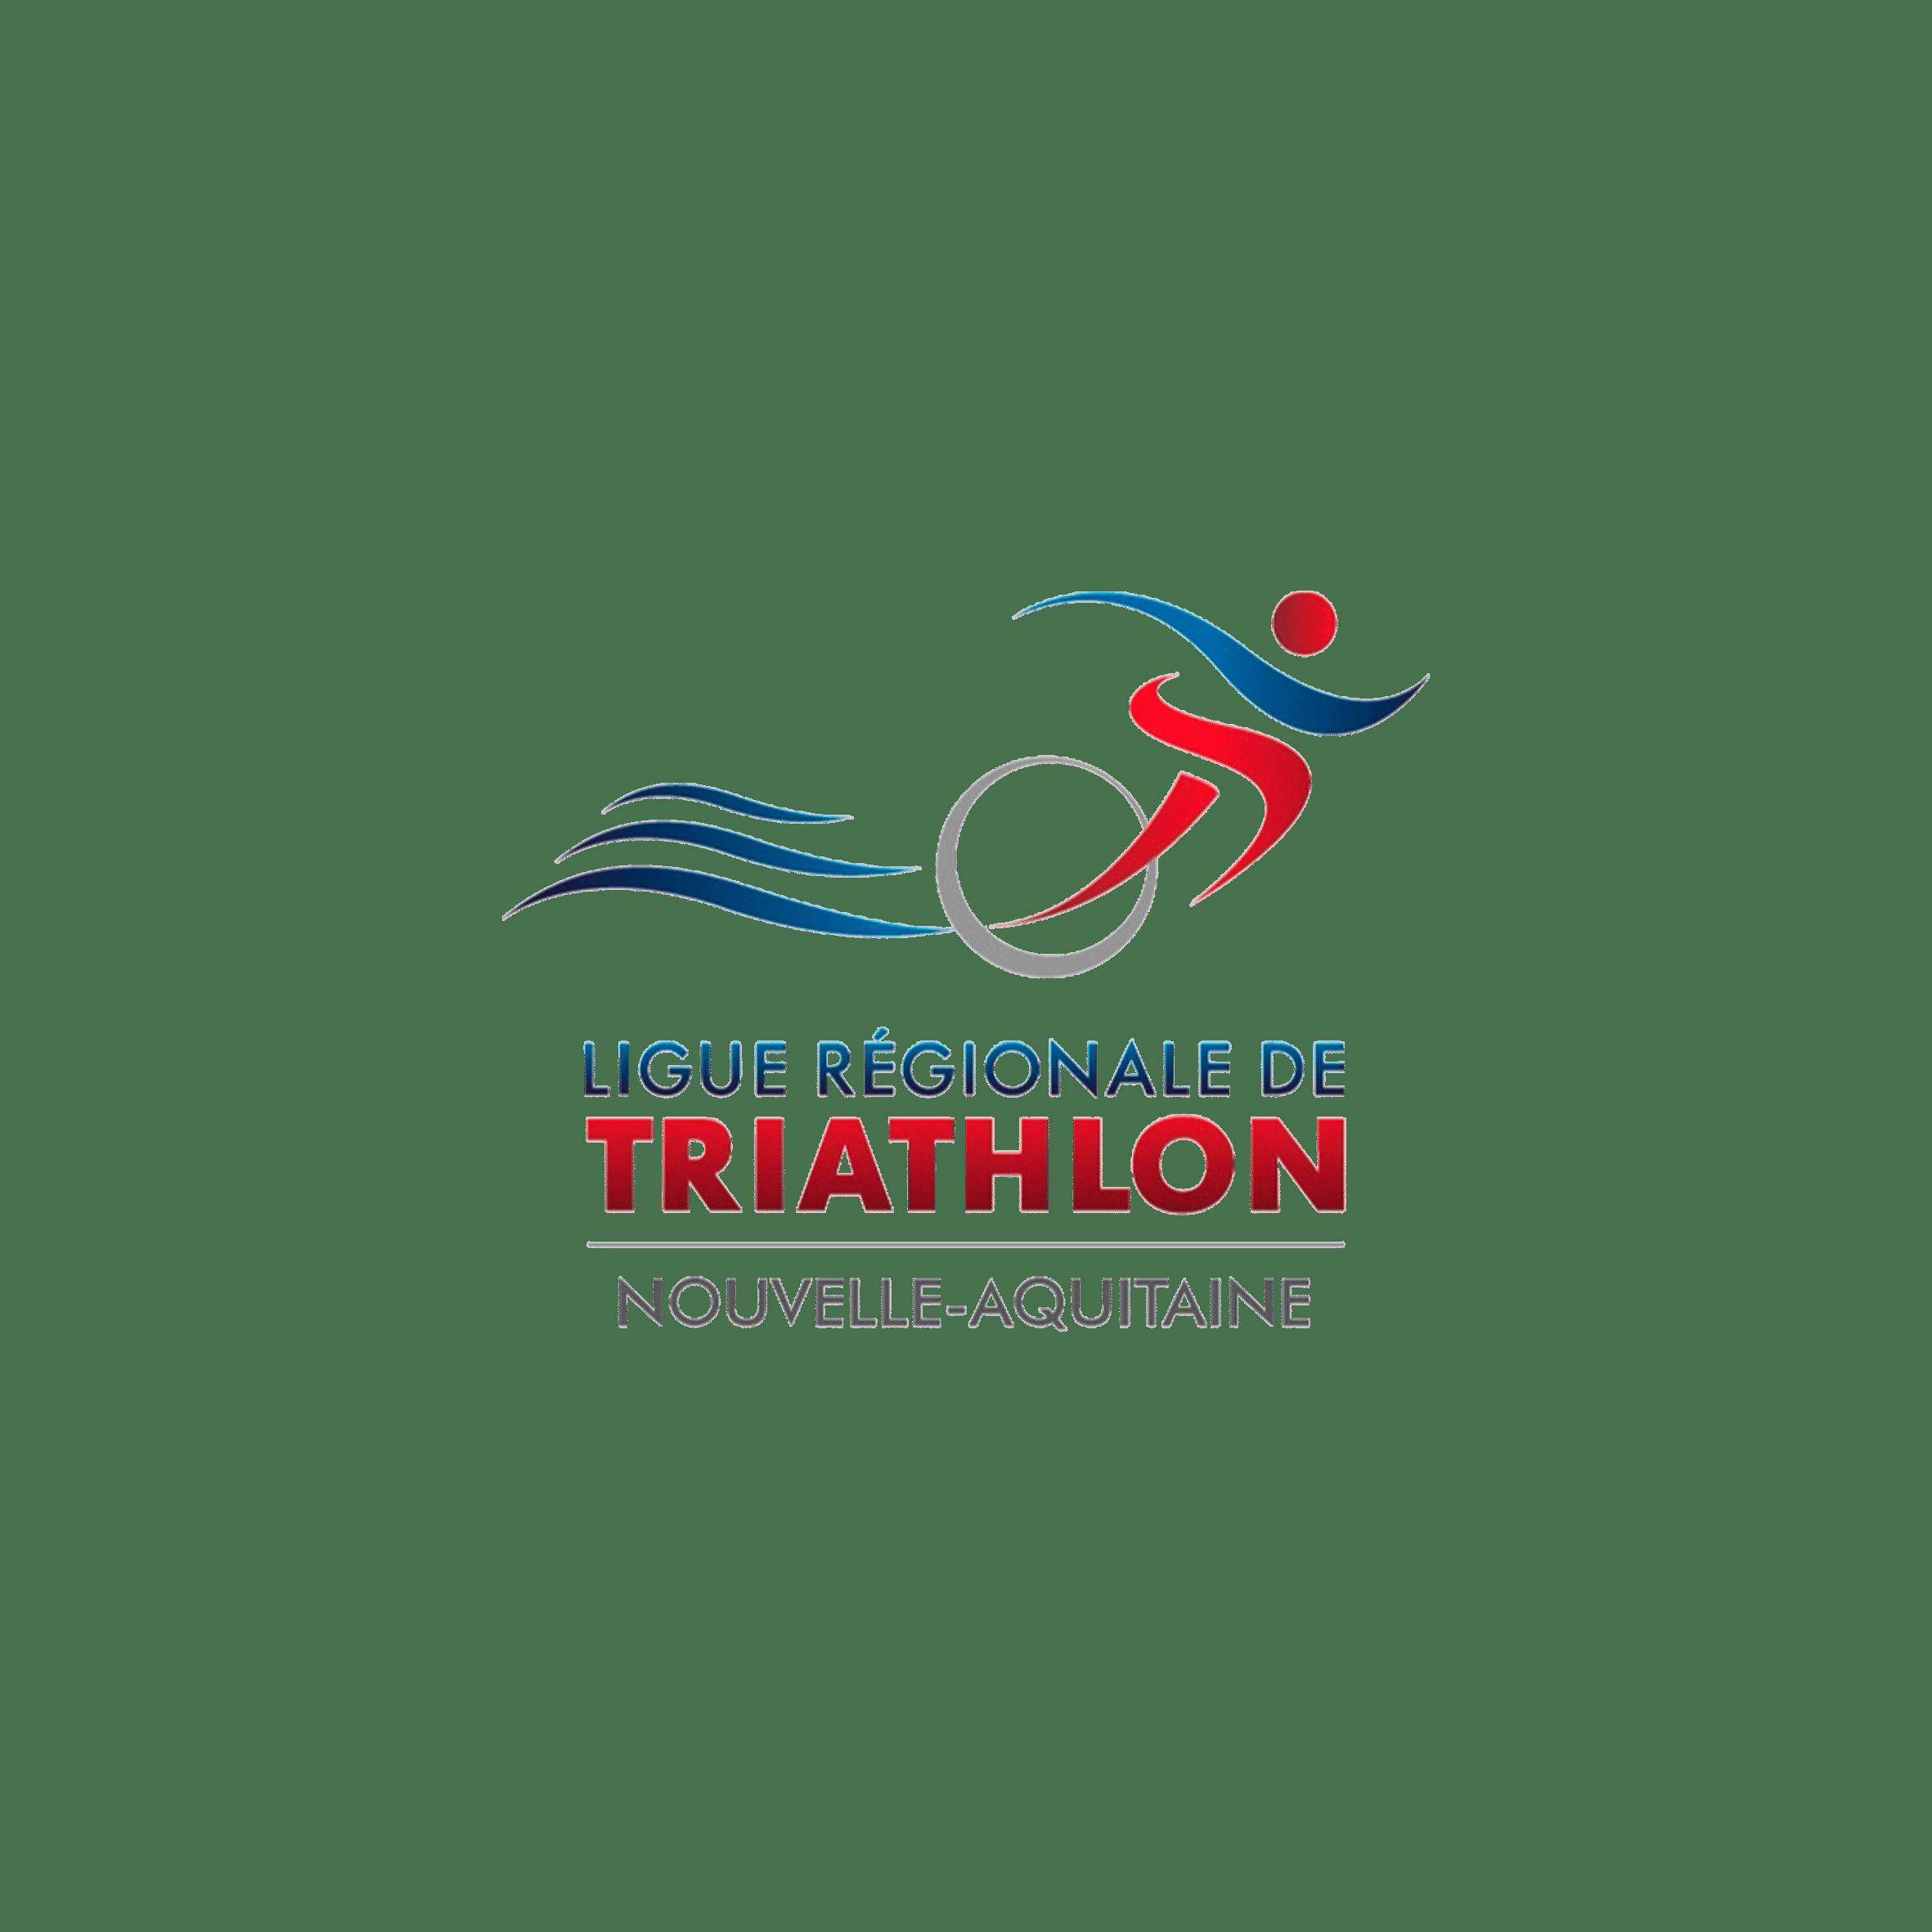 Ligue Nouvelle-Aquitaine de Triathlon